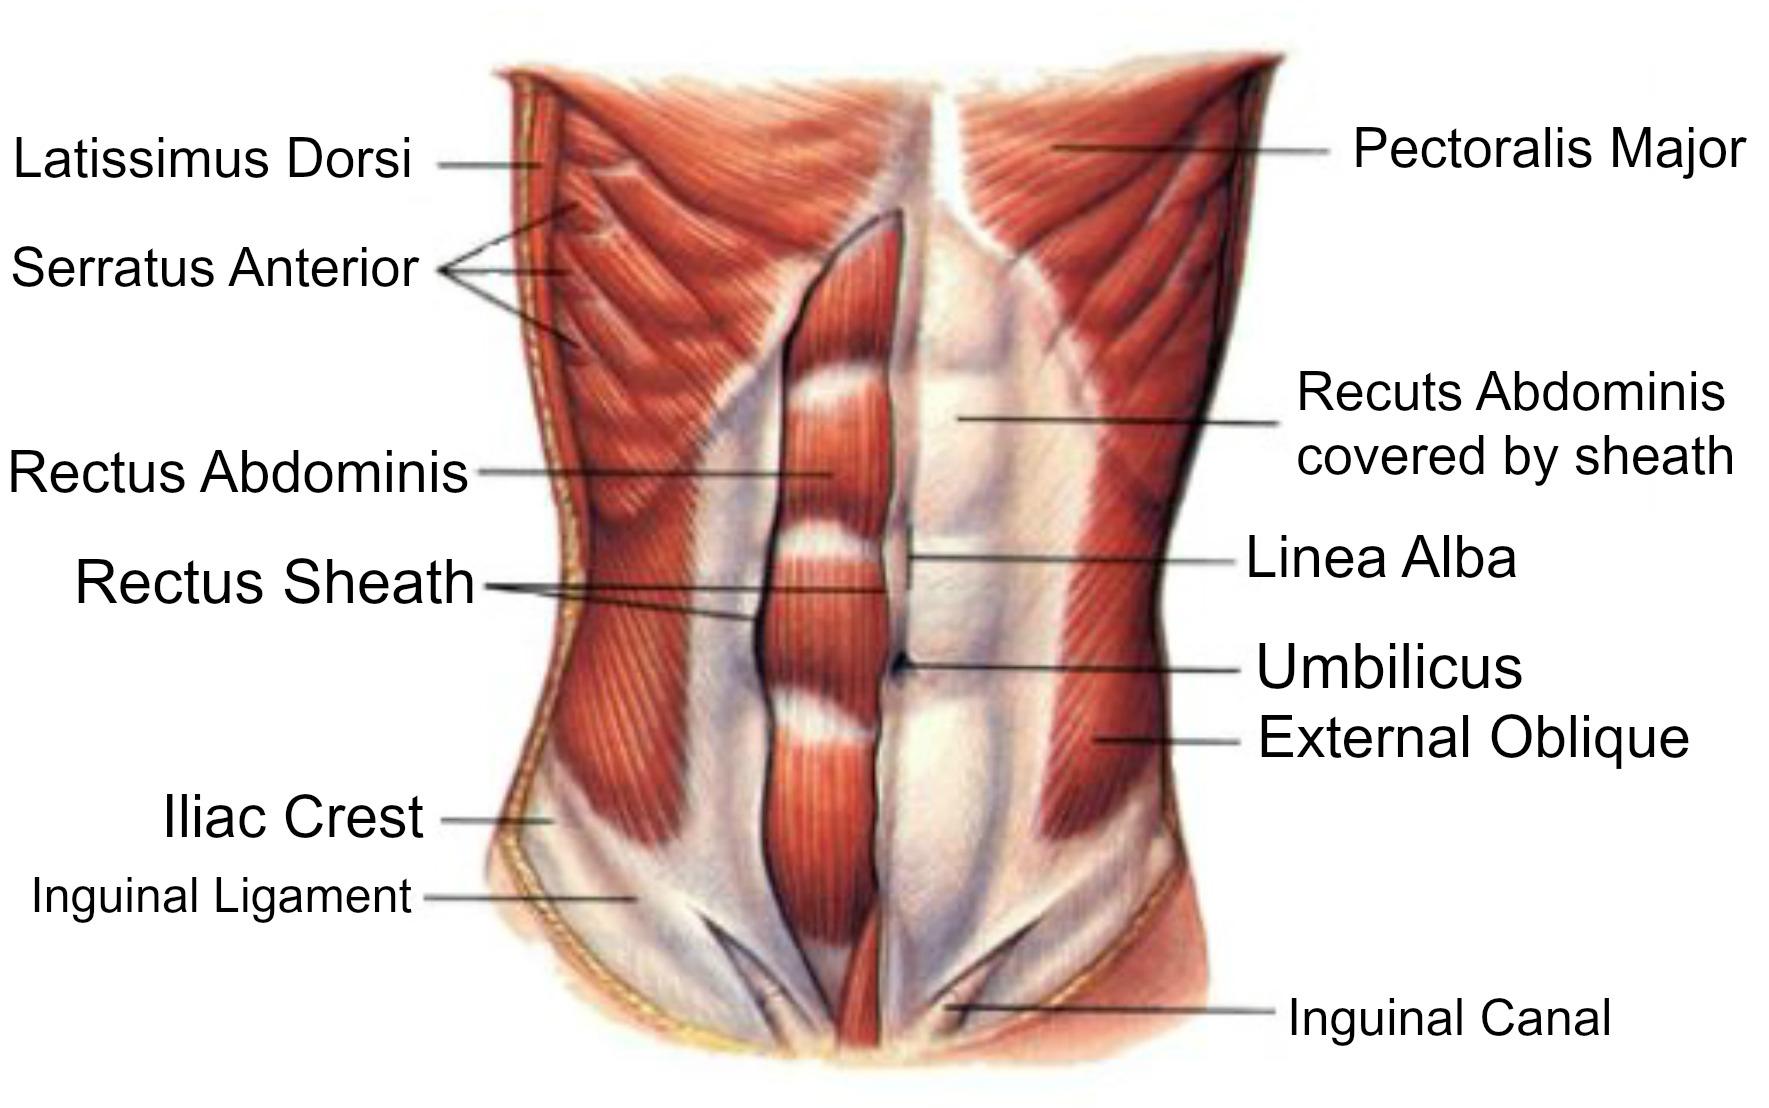 Bauchmuskelzerrung - Abdominale Belastung - Symptome & Behandlung